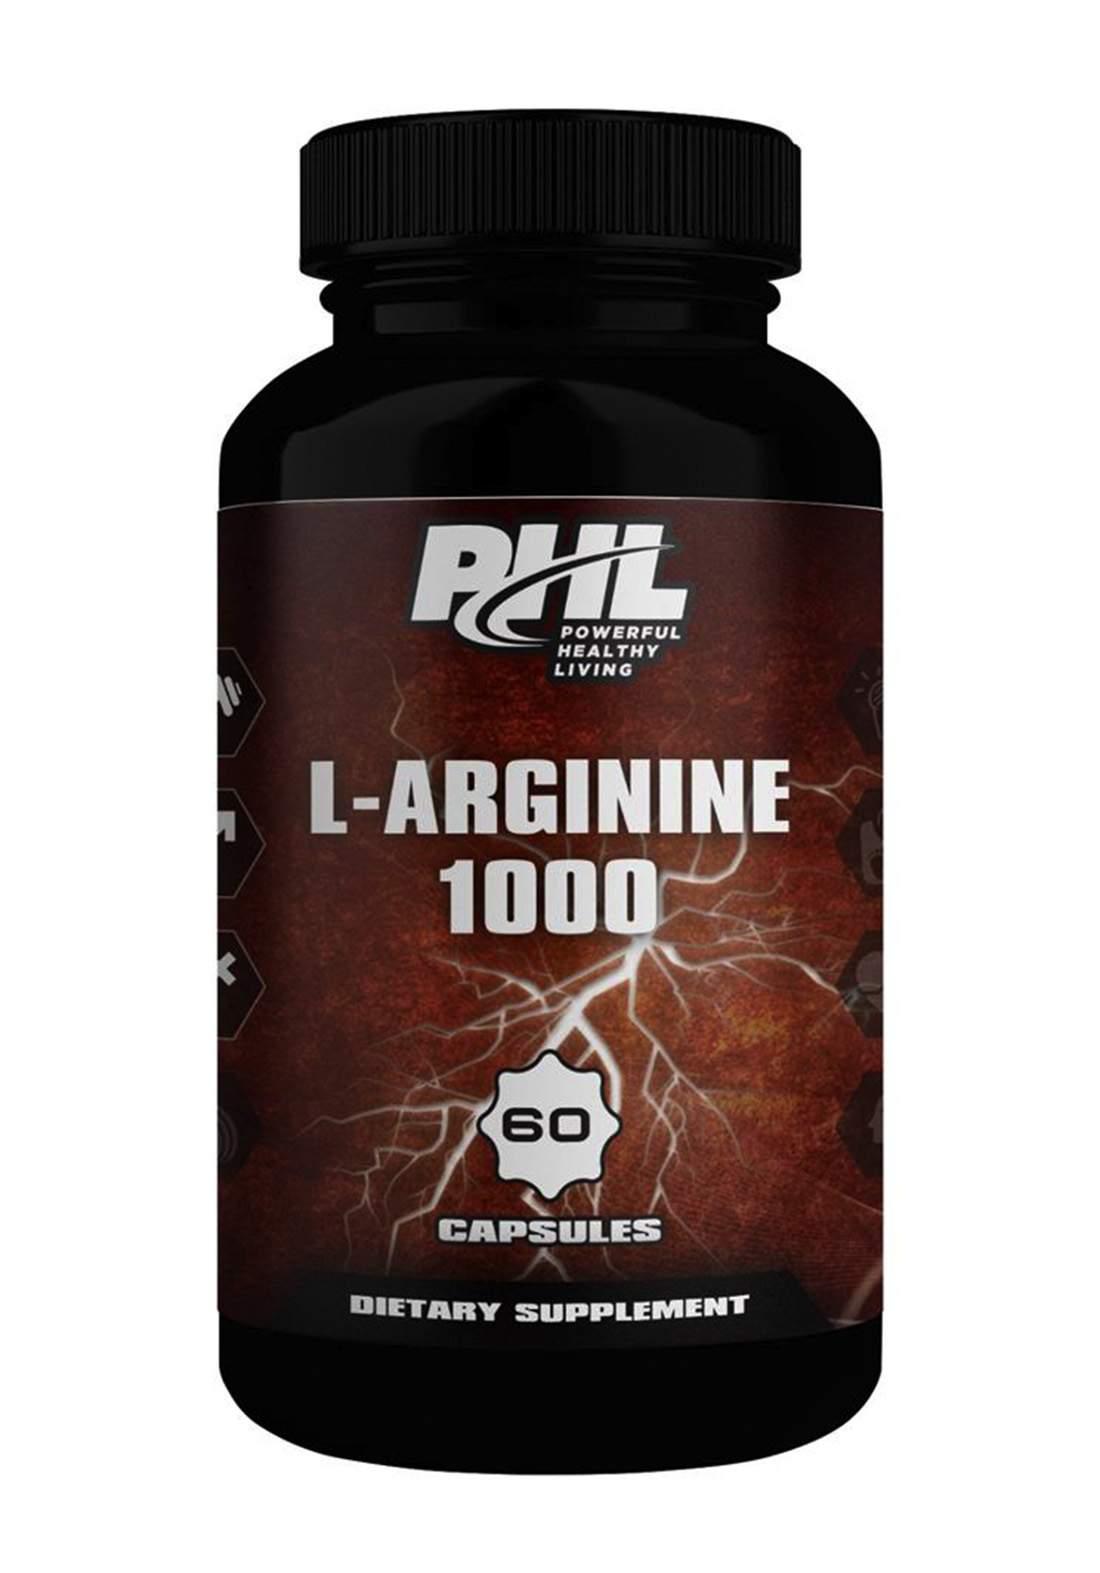 PHL L-Arginine 1000 60 Capsules مكمل غذائي